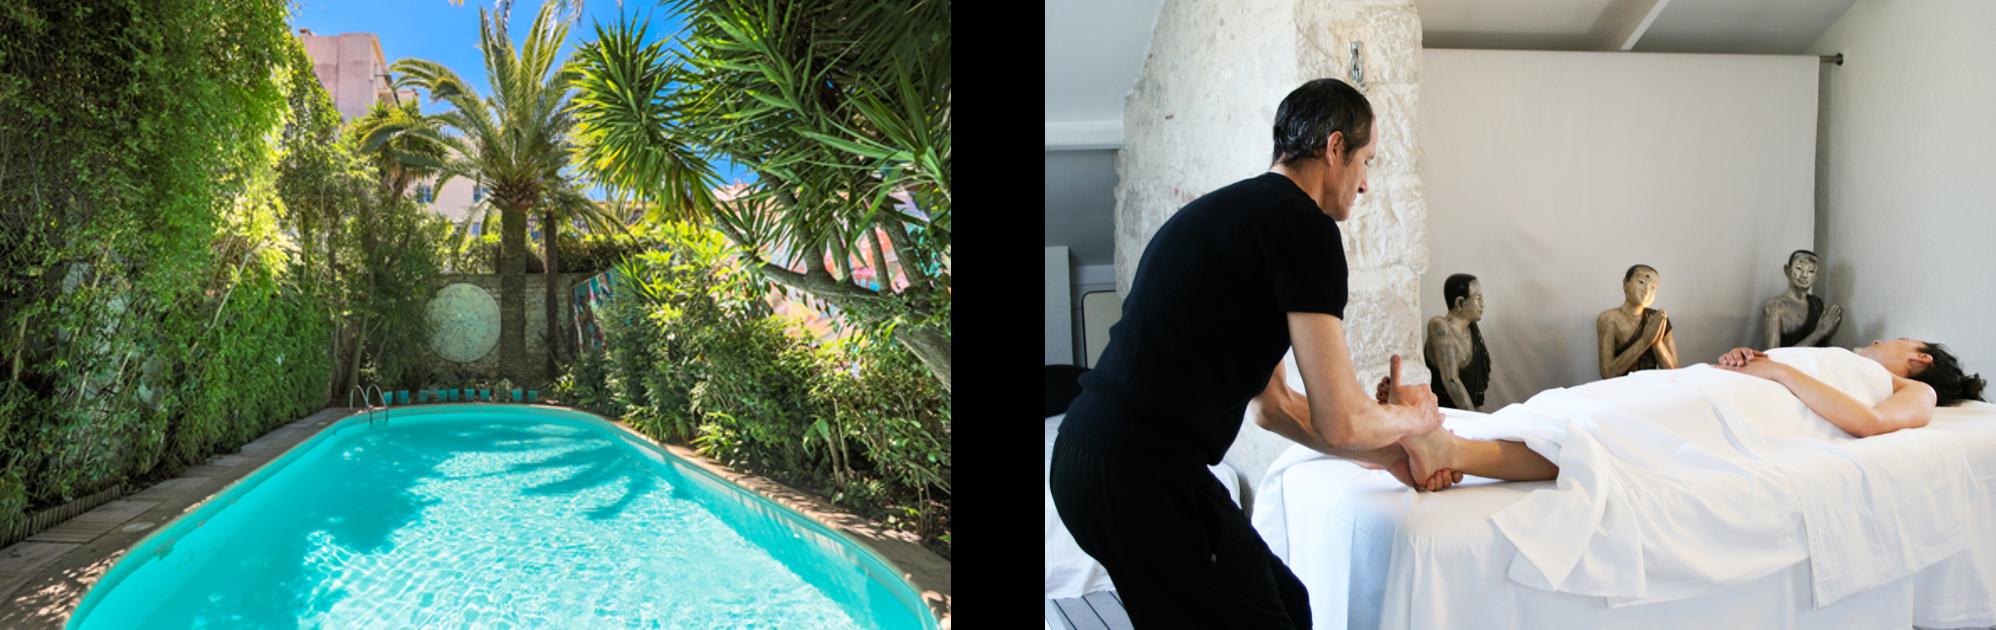 Piscines Es & Spas piscine spa black – hôtel windsor